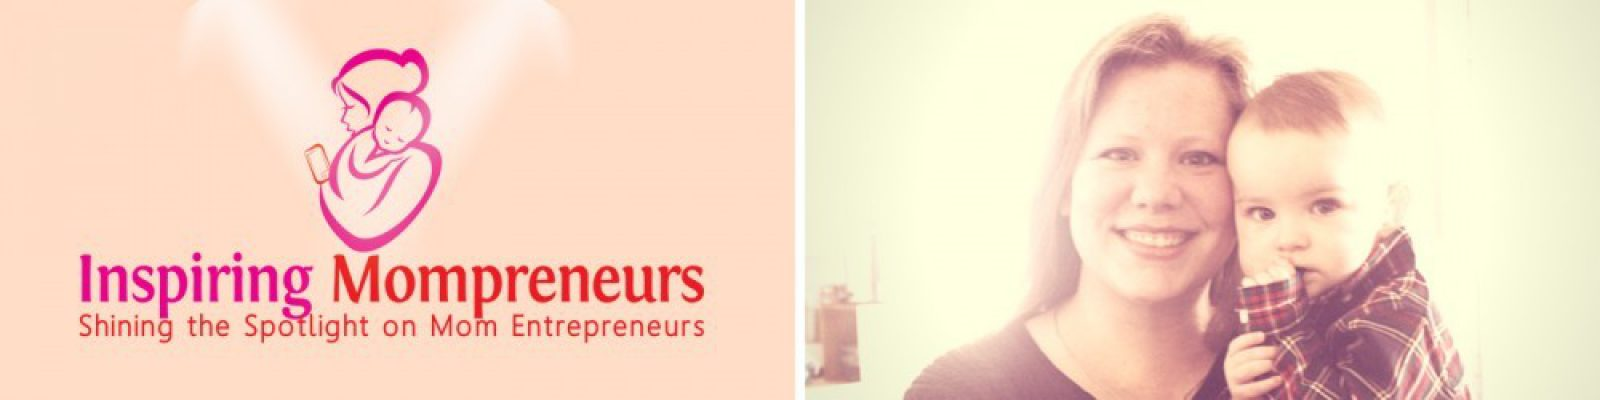 #InspiringMompreneurs #ShiningtheSpotlightonMomEntrepreneurs